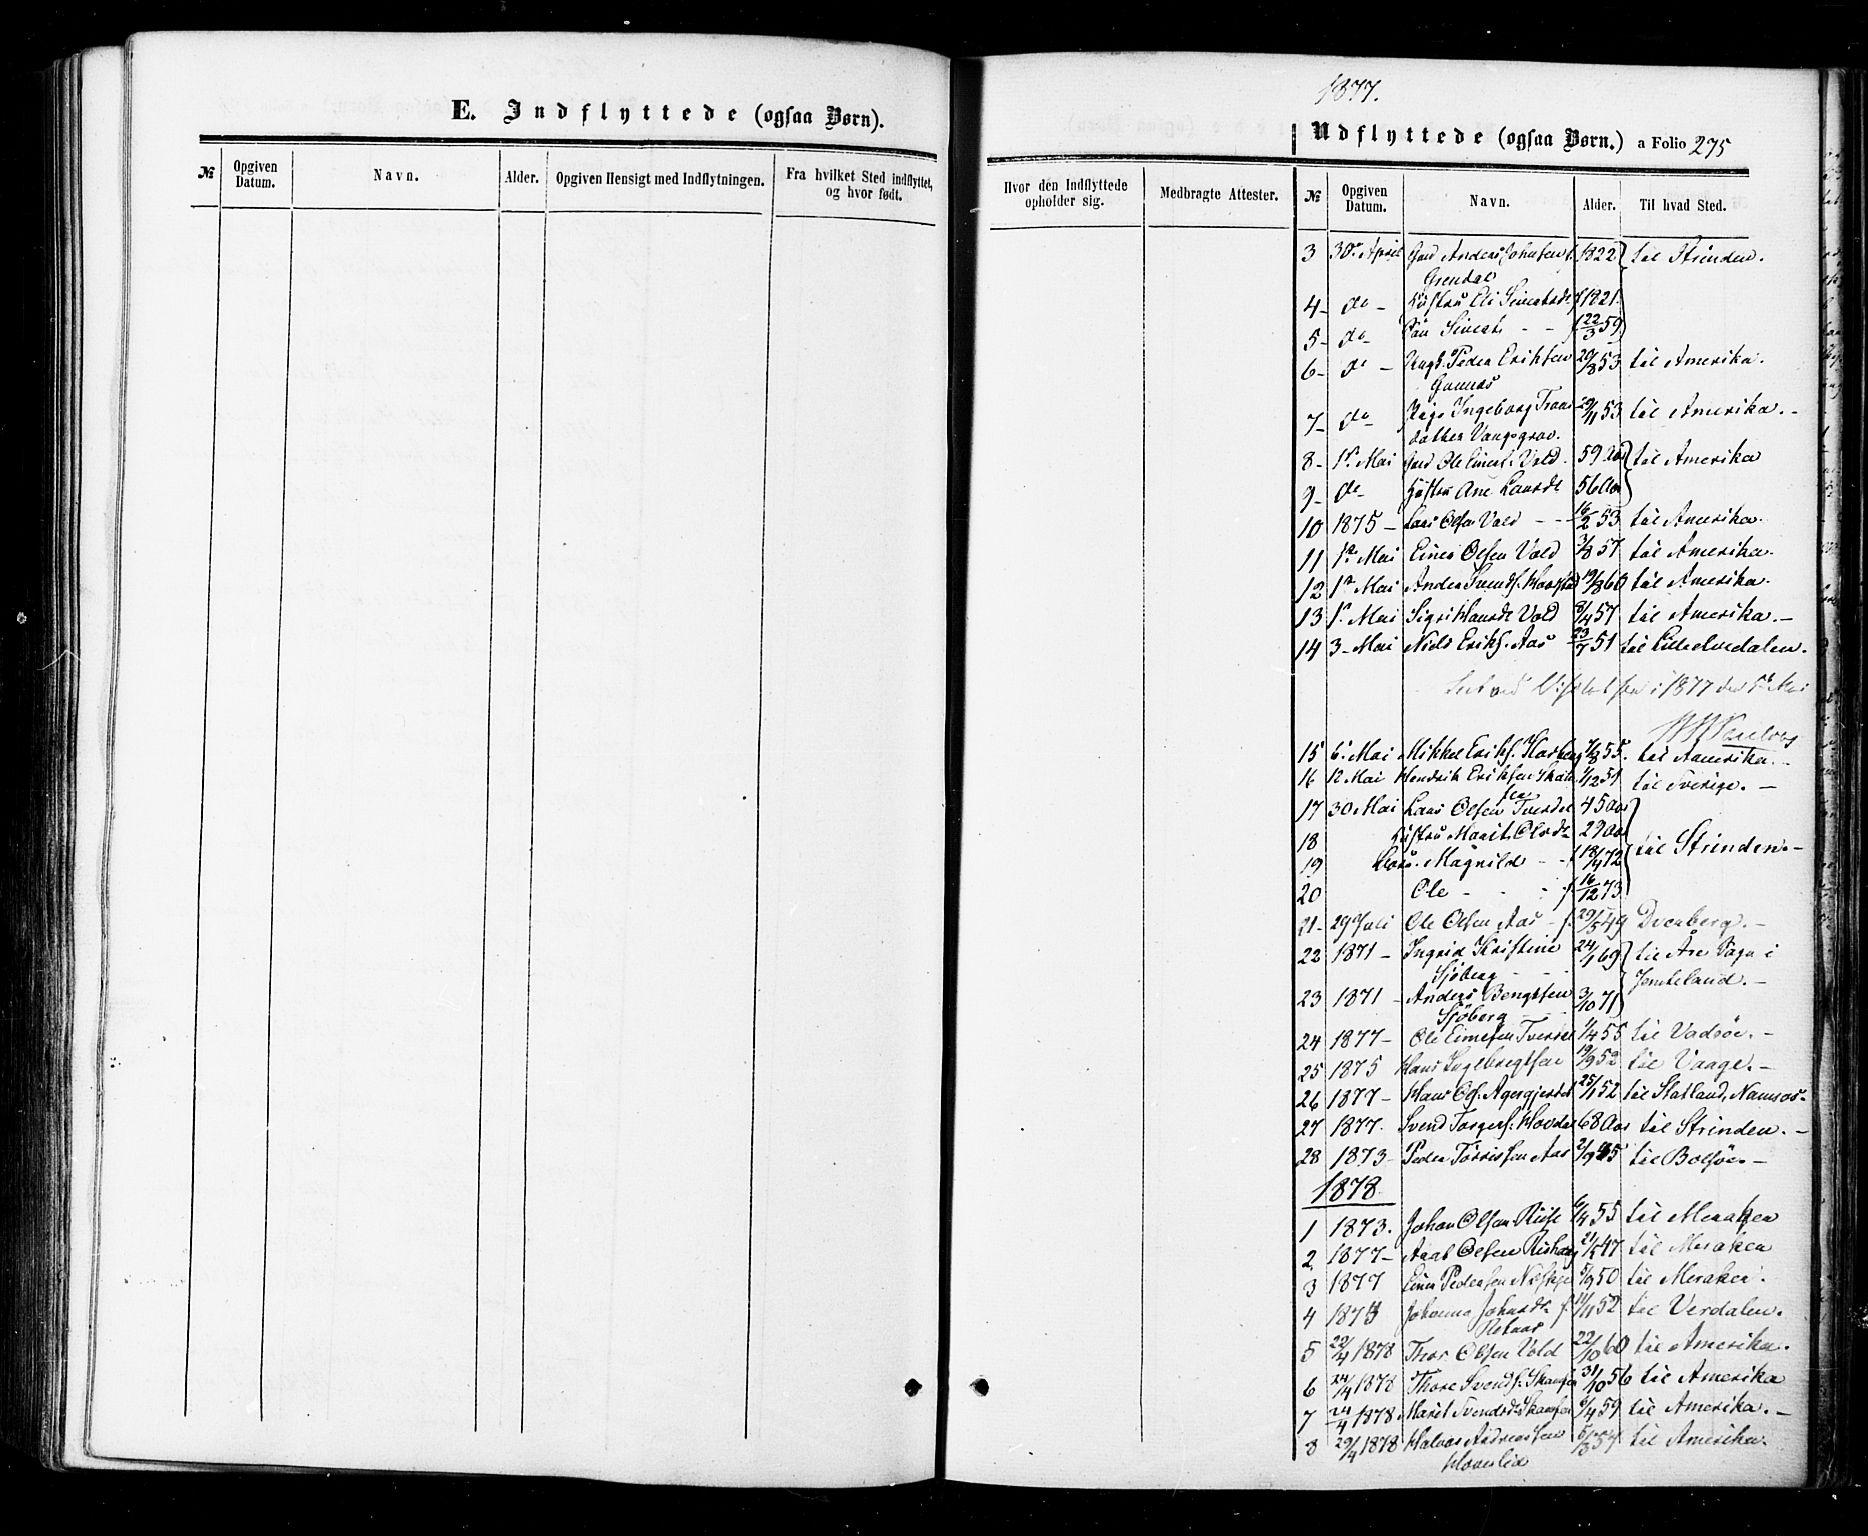 SAT, Ministerialprotokoller, klokkerbøker og fødselsregistre - Sør-Trøndelag, 674/L0870: Ministerialbok nr. 674A02, 1861-1879, s. 275